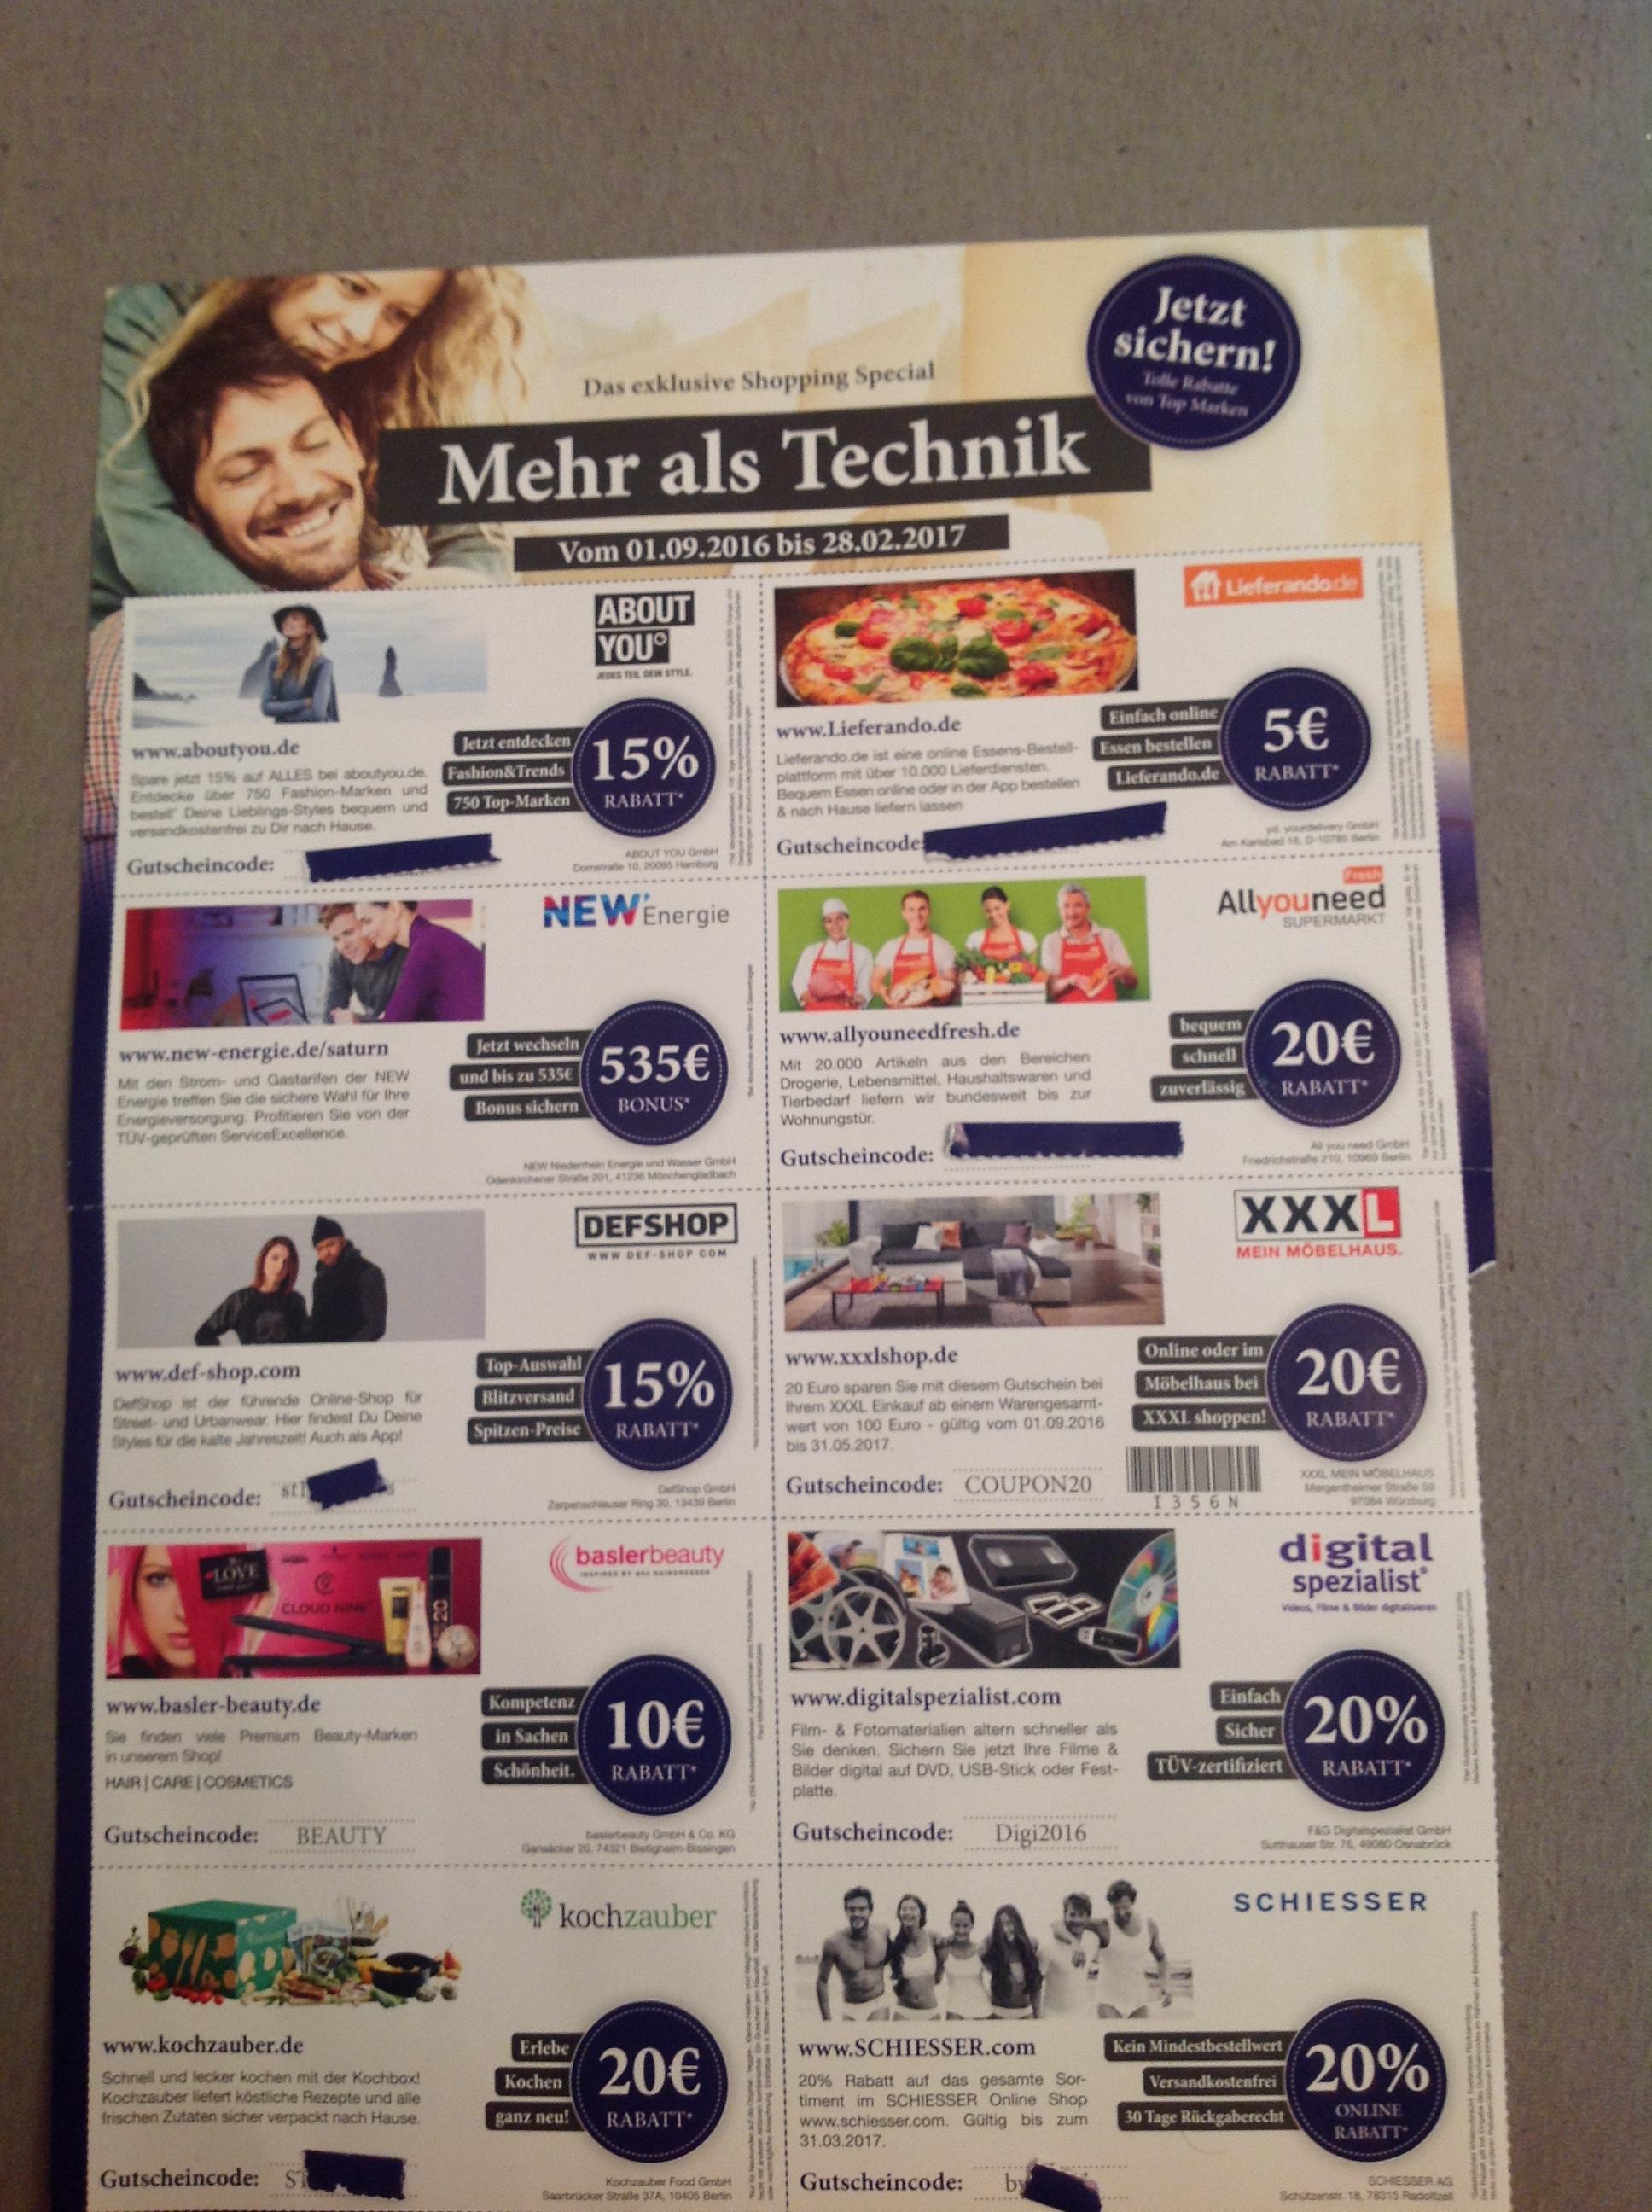 Saturn legt bei Lieferung Lieferando (5€ auch Bestand) und Allyouneed Fresh Gutscheine bei